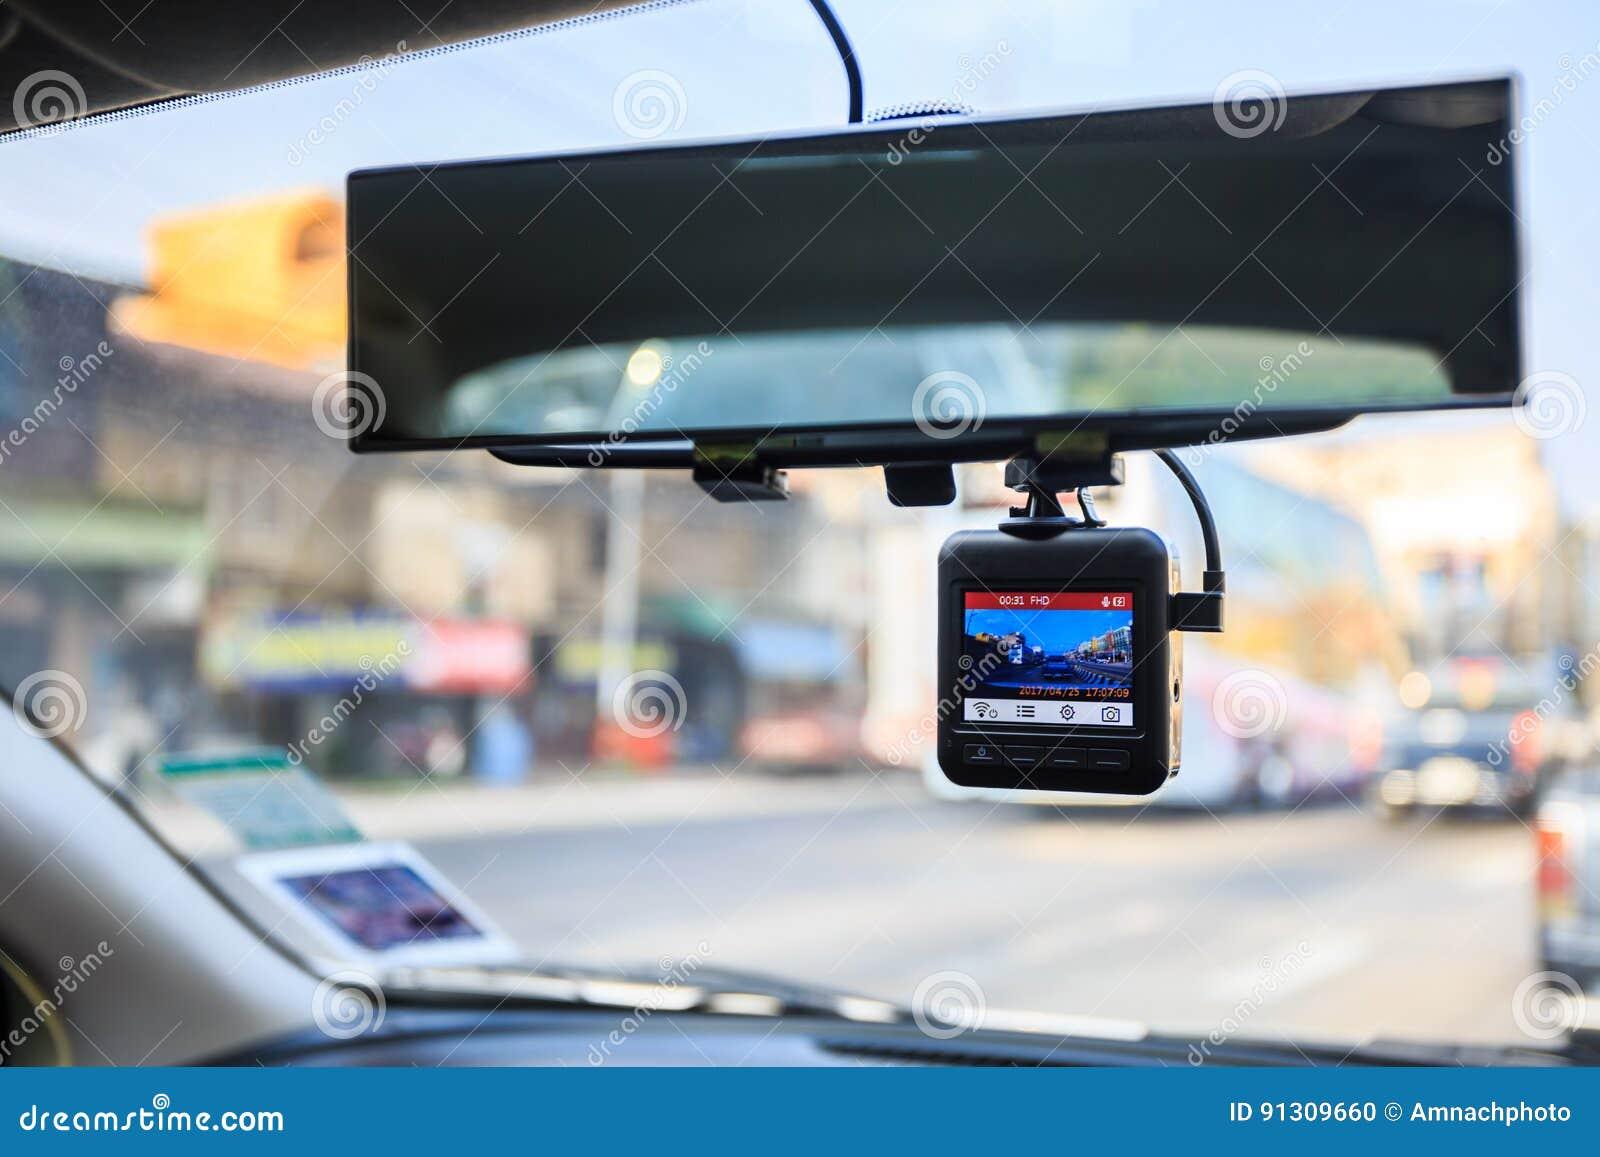 Cctv-bilkamera